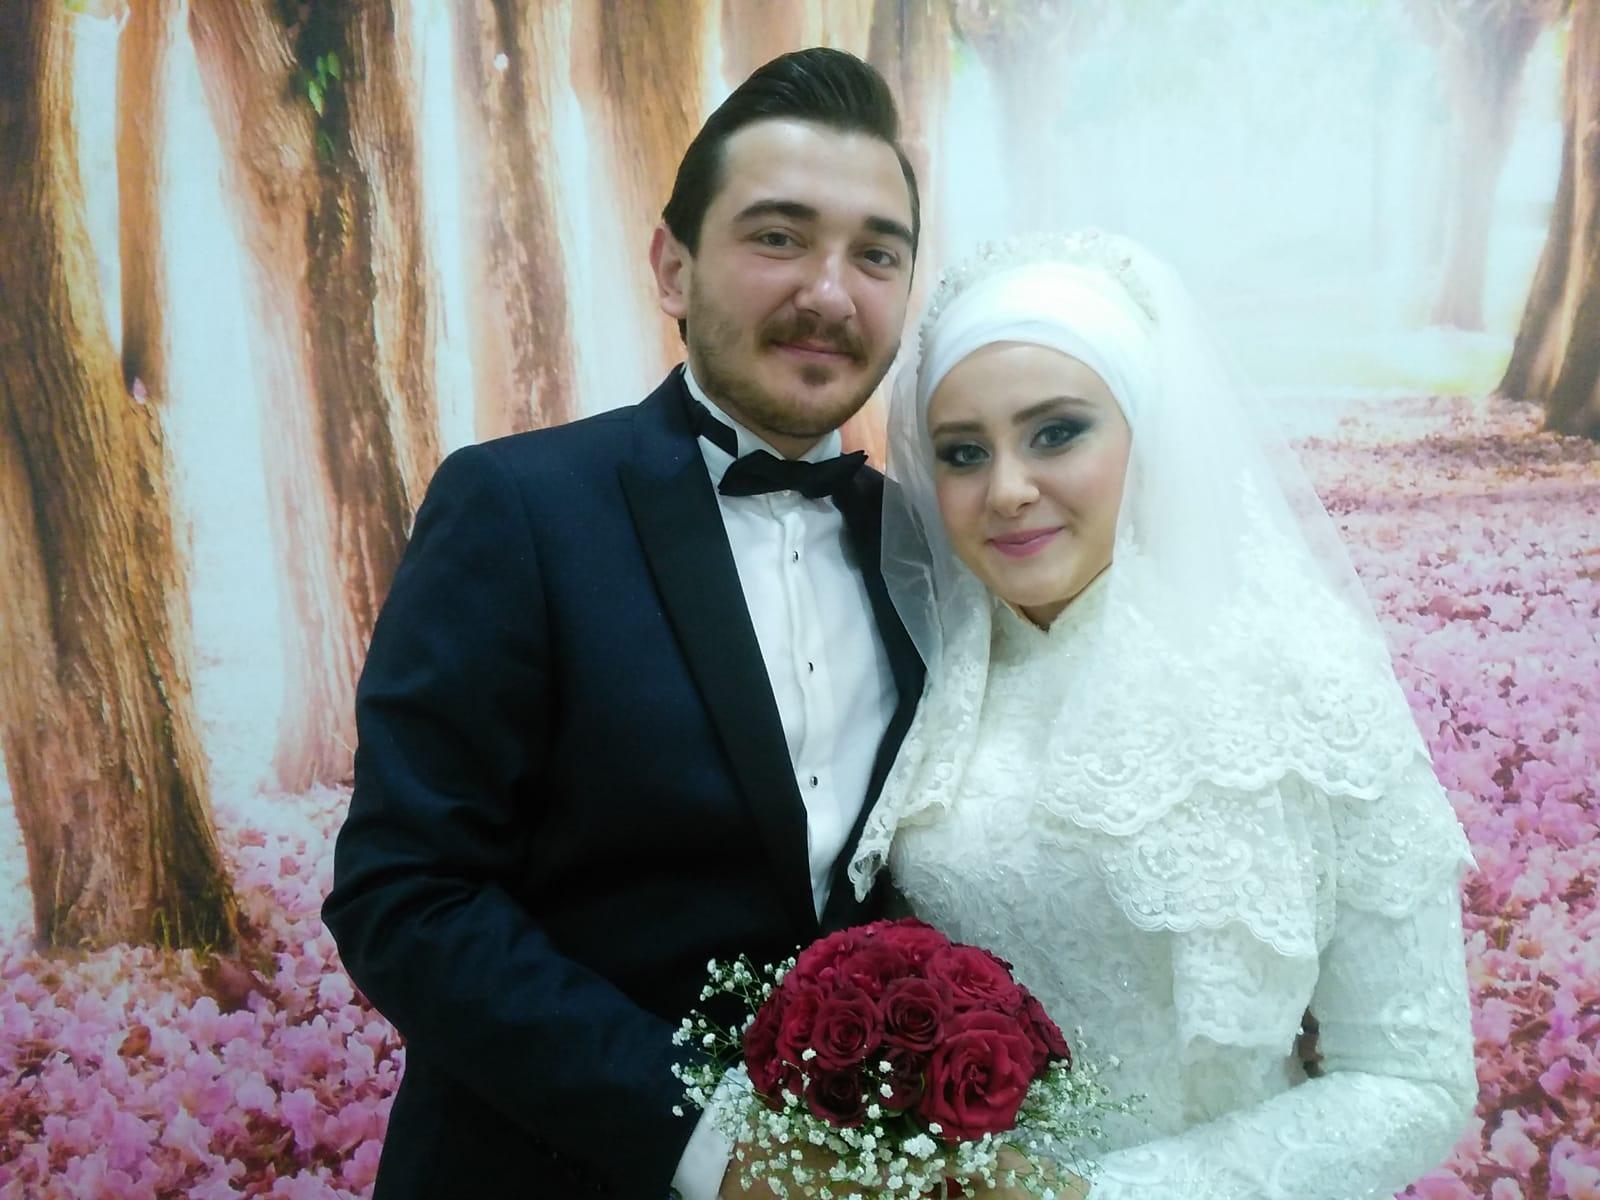 Meltem ve Mustafa Tuğral çifti Dünya evine dostlarının şahitlikleriyle girdiler